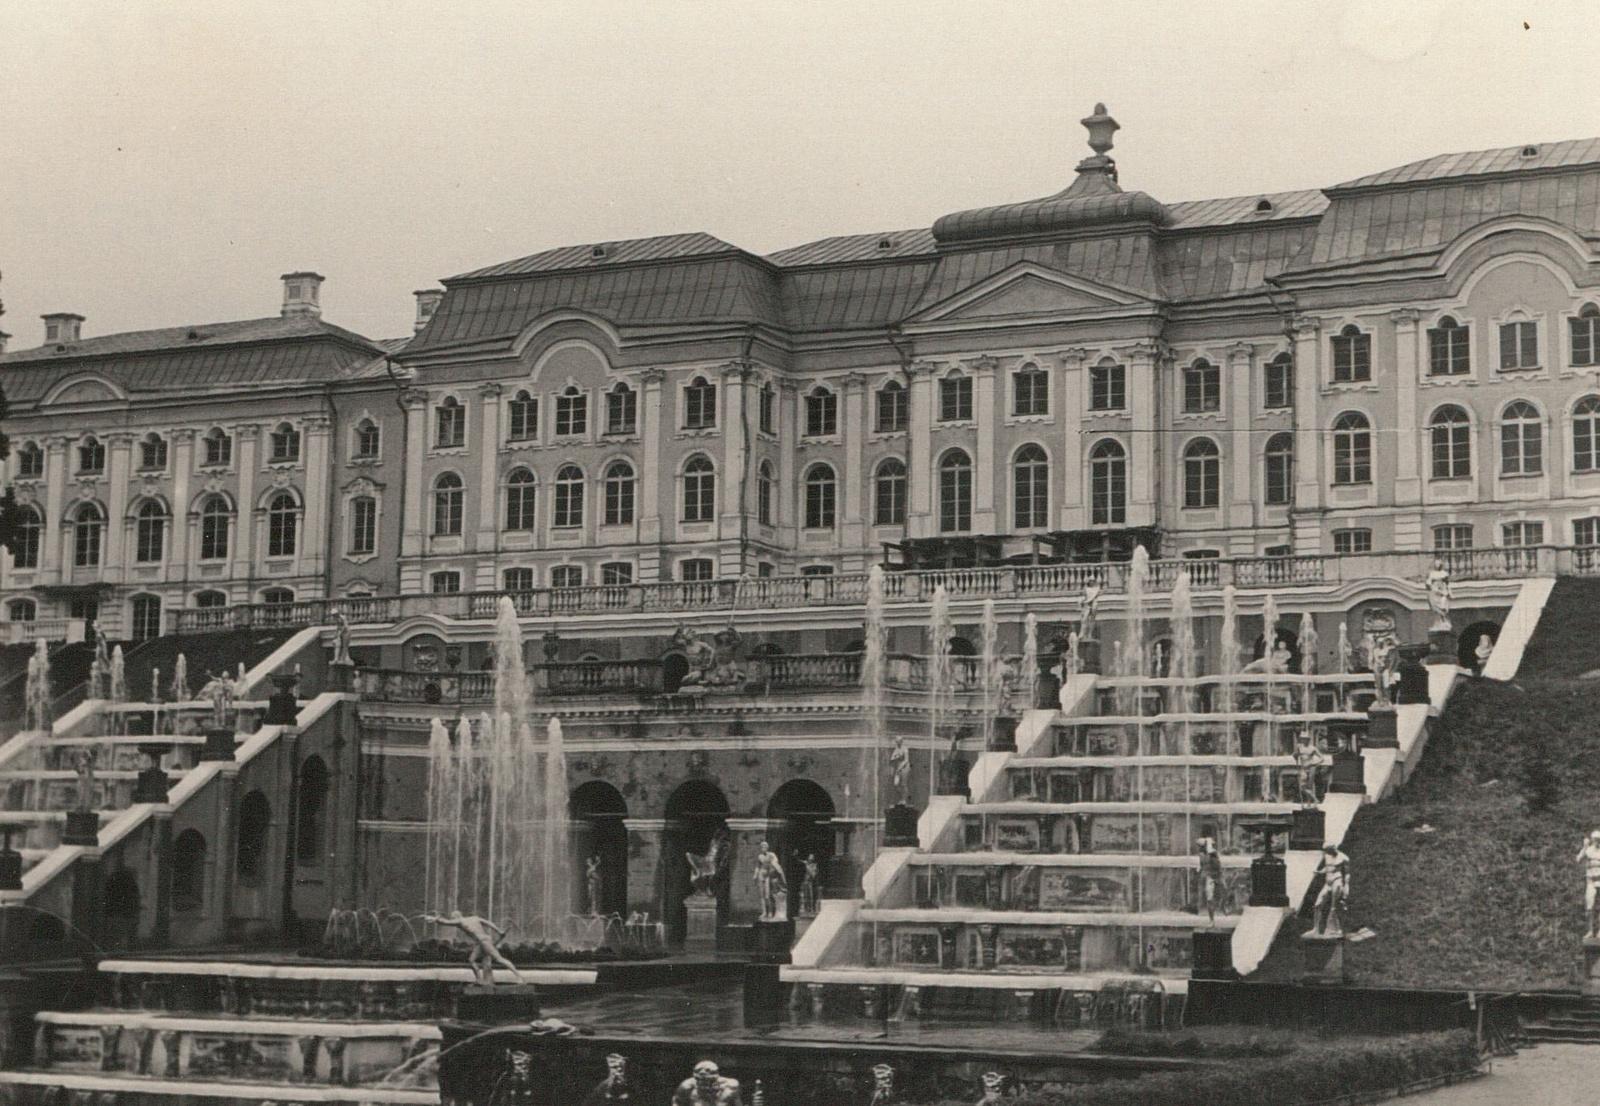 Петергоф. Большой дворец. Вид Большого каскада